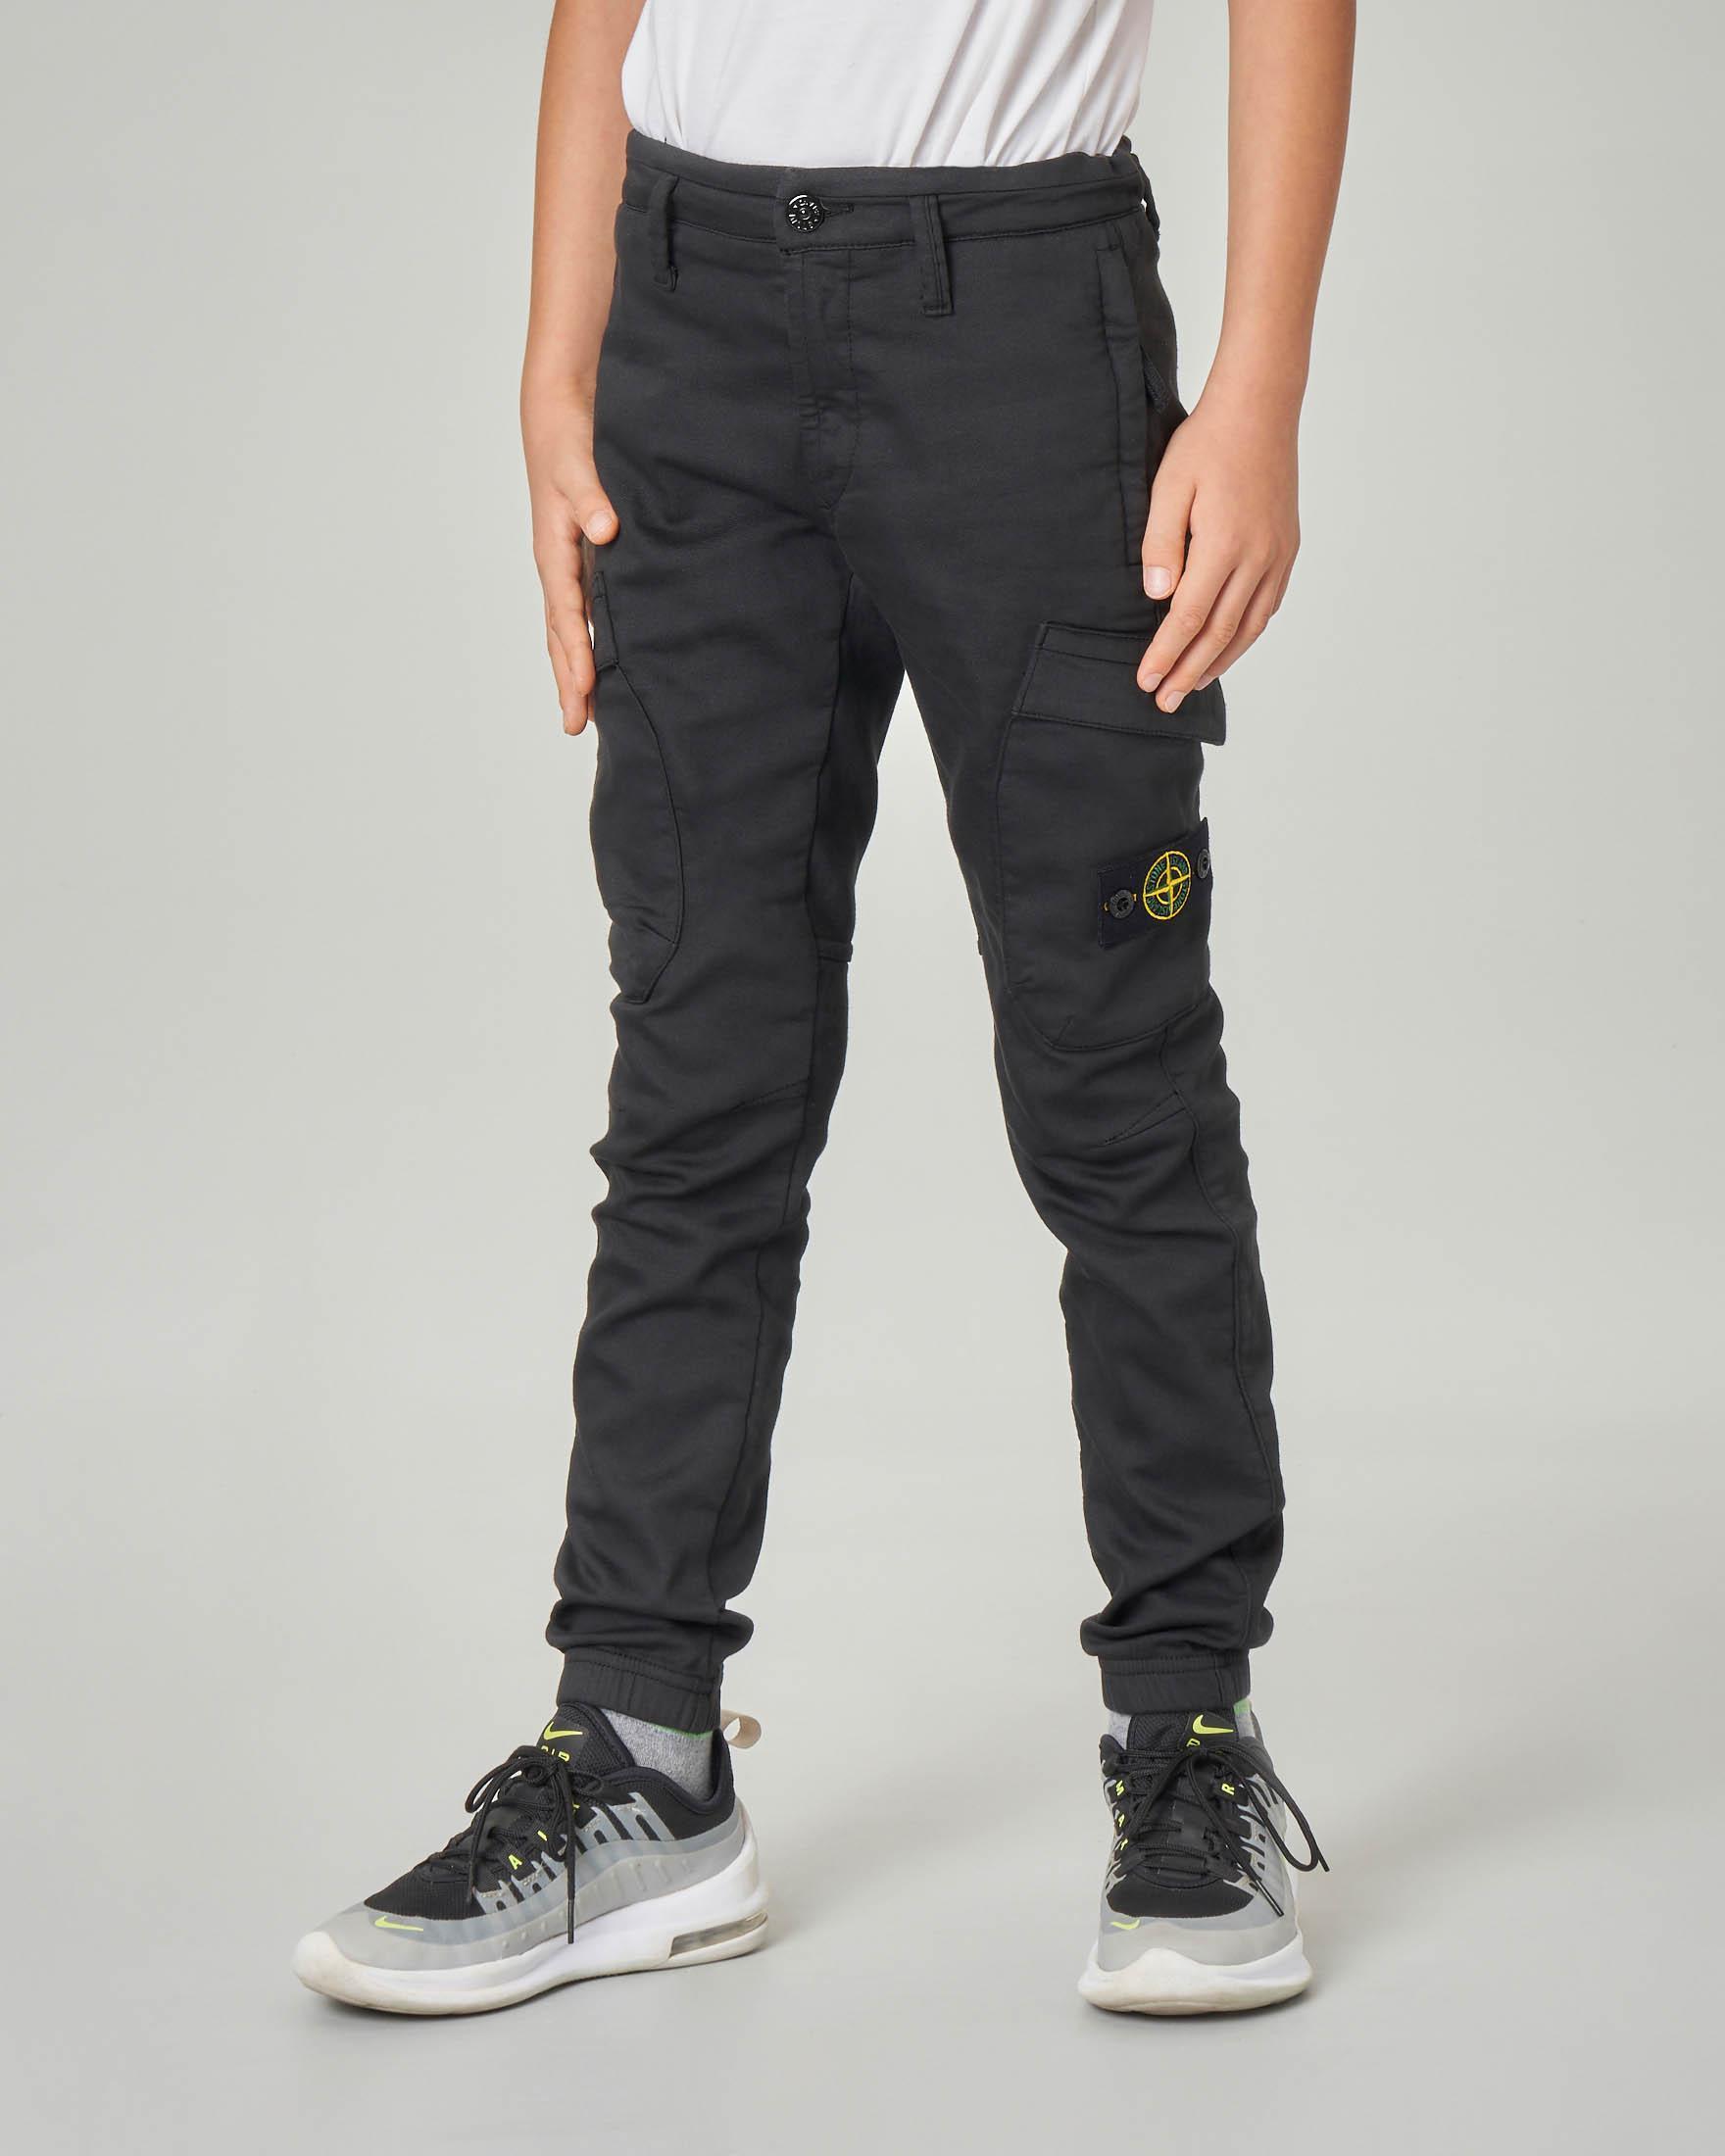 Pantalone cargo nero in tessuto stretch 14 anni